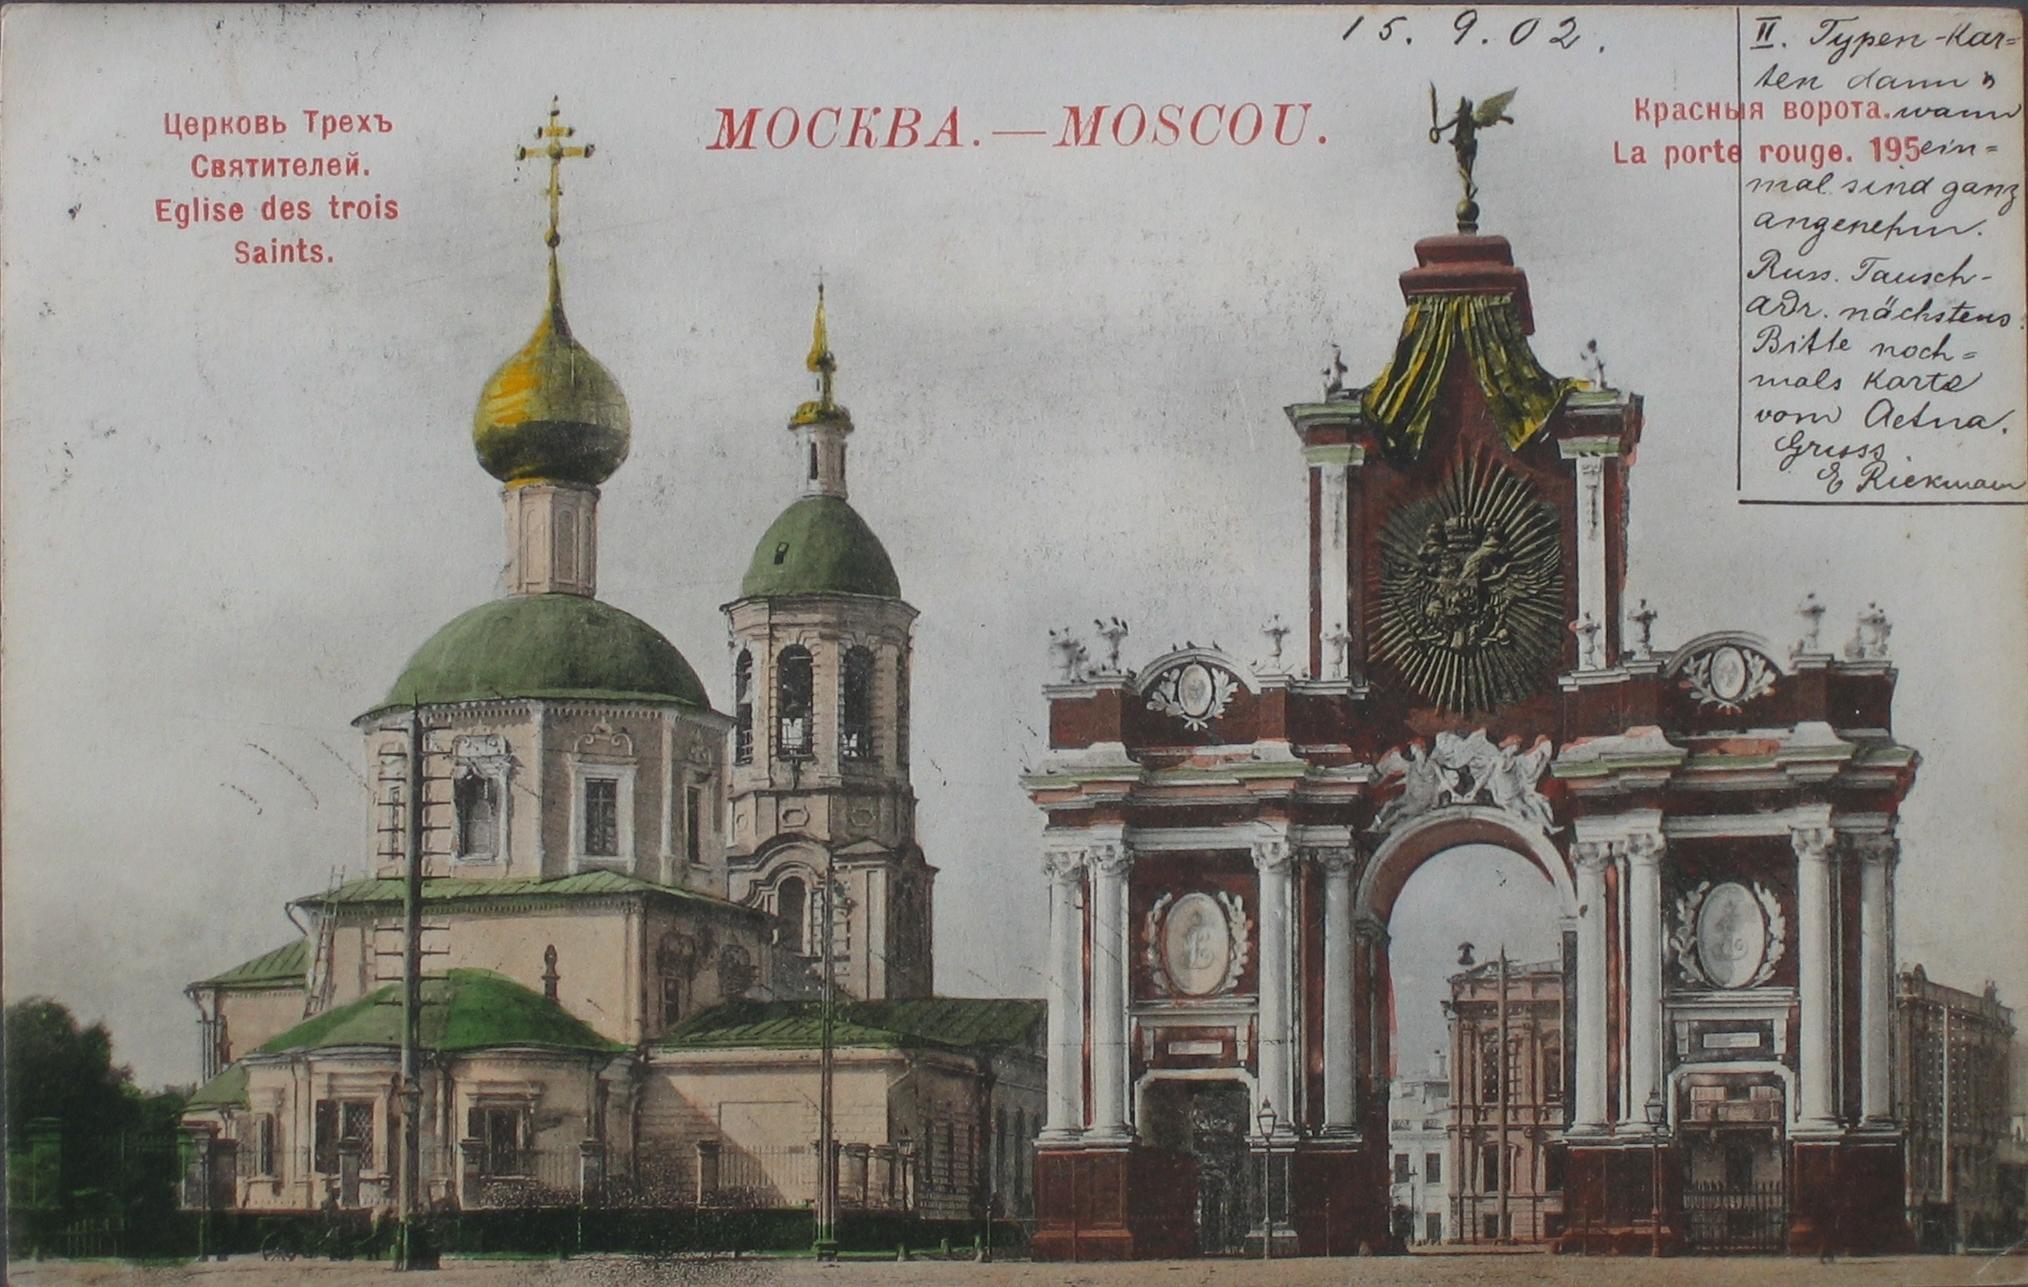 Церковь Трех Святителей. Красные ворота